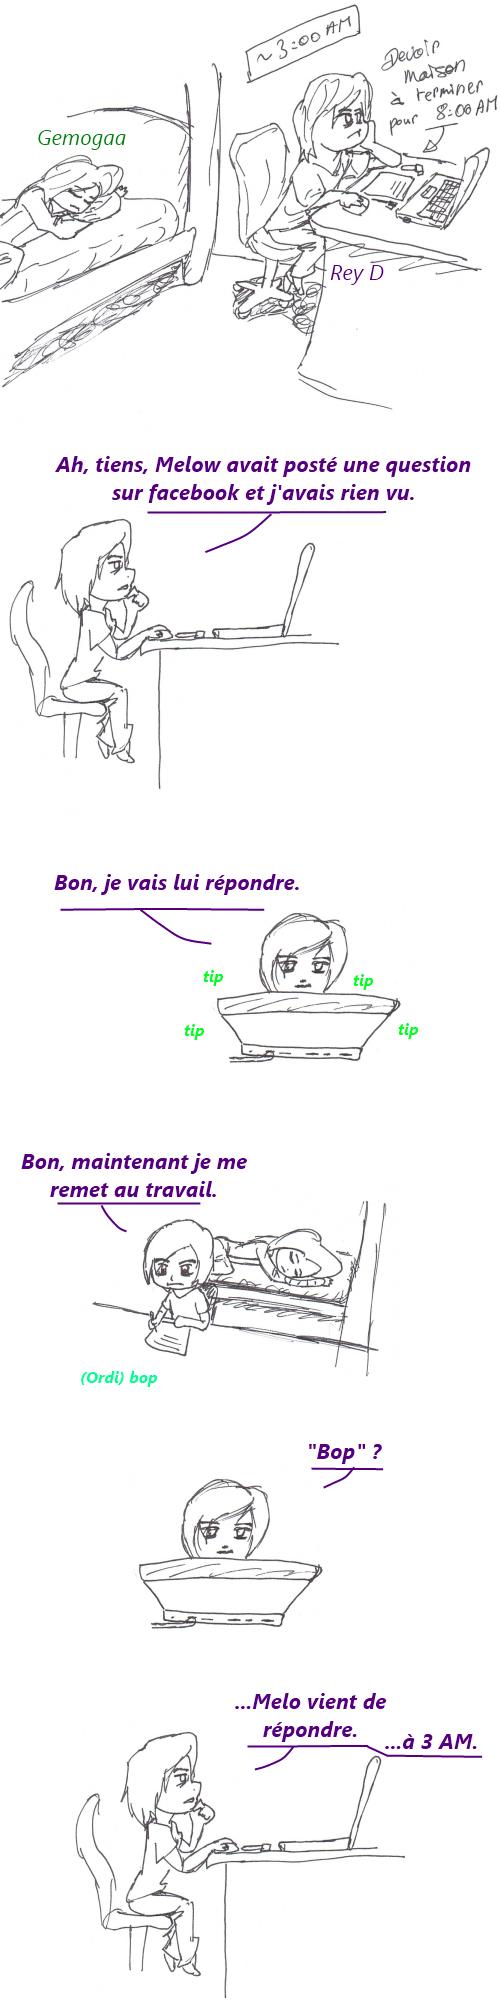 http://rey.d.cowblog.fr/images/strips/strip20130702.png